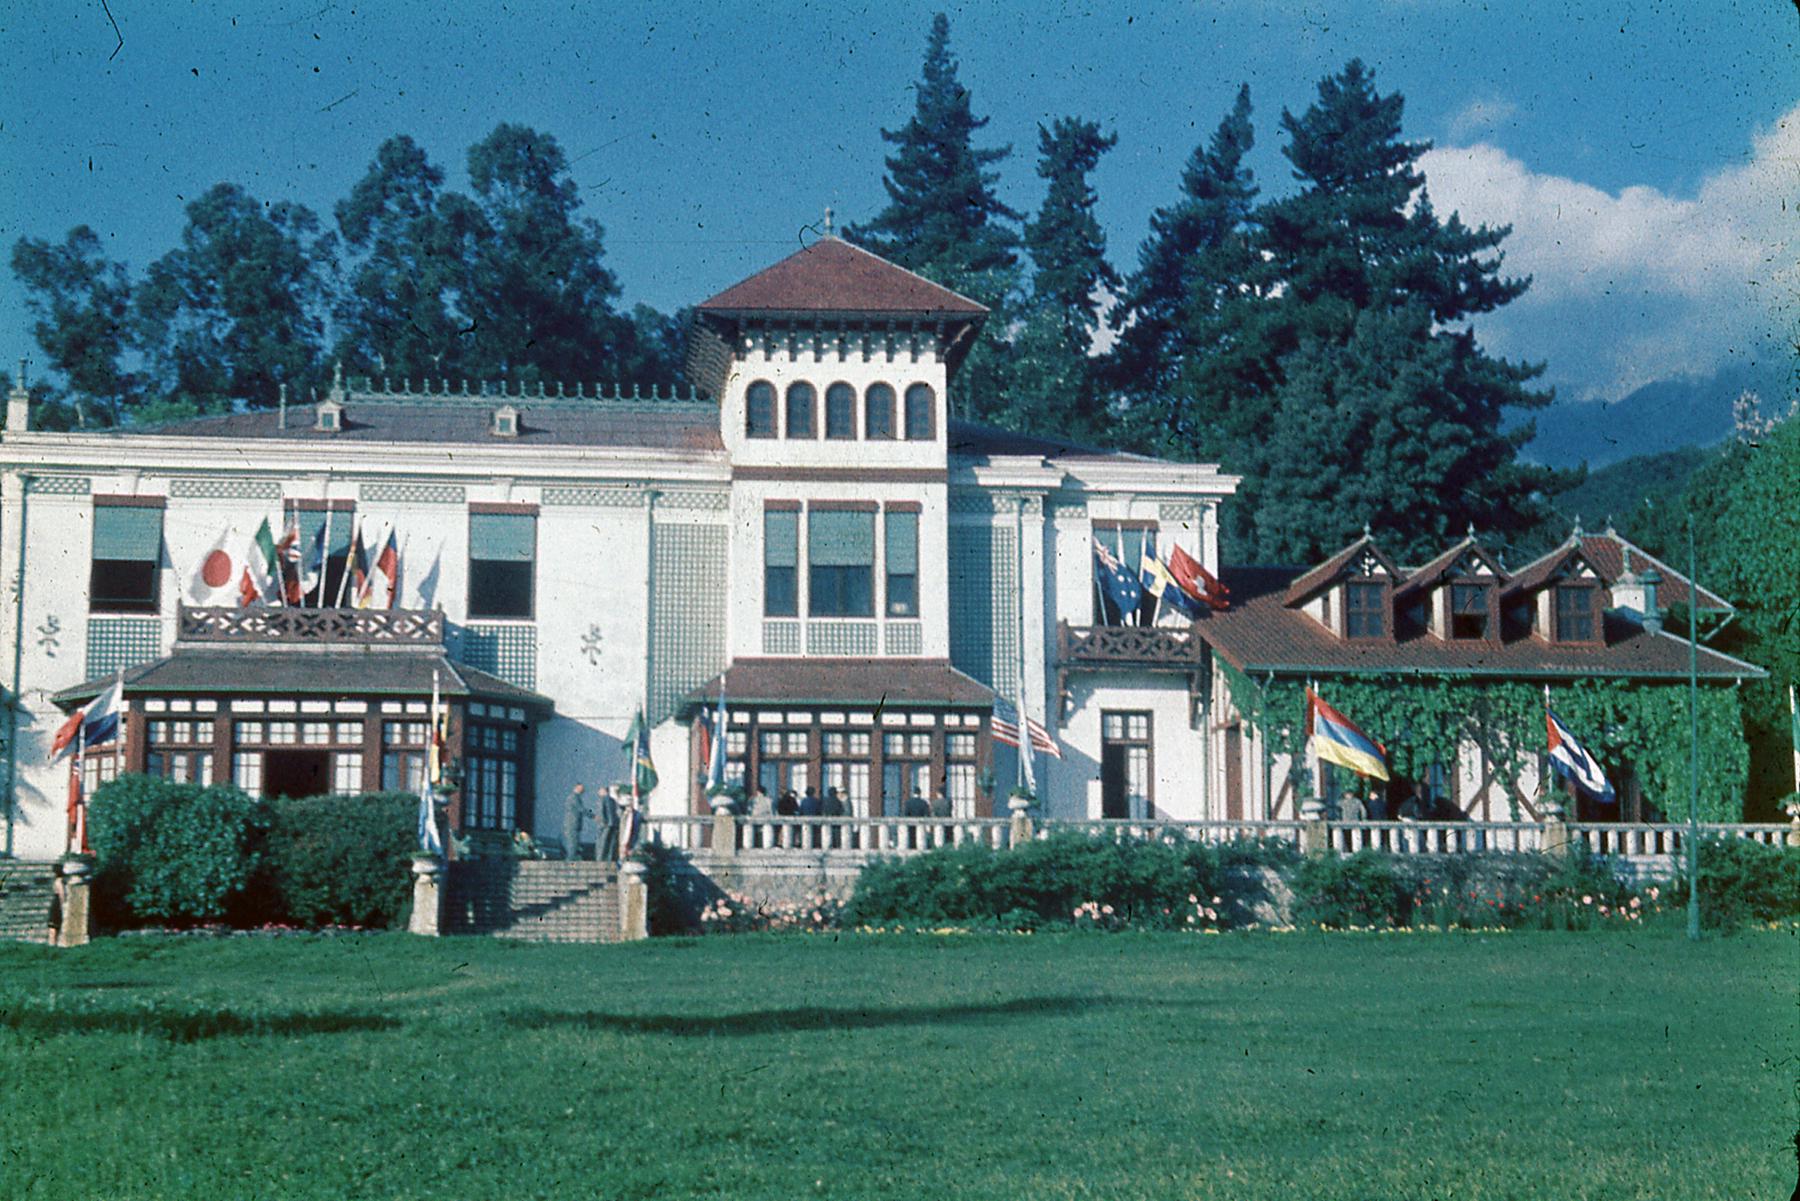 Enterreno - Fotos históricas de chile - fotos antiguas de Chile - Casa ex Hacienda La Punta 1952